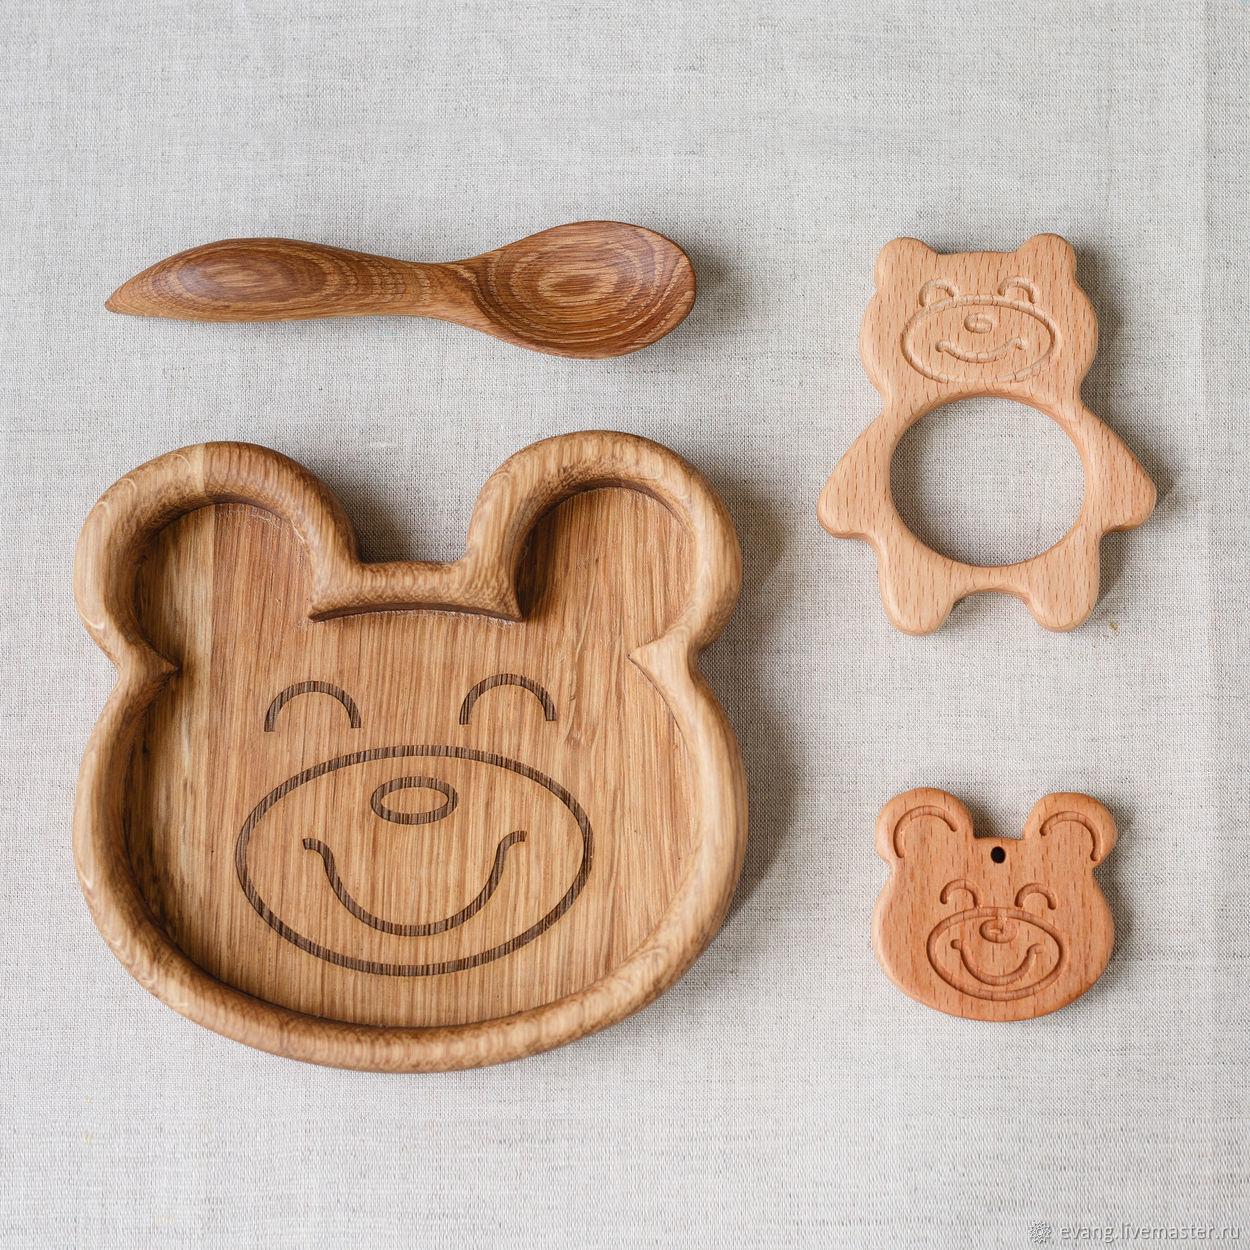 Персональные подарки ручной работы. Ярмарка Мастеров - ручная работа. Купить Детский подарочный набор Мишка. Handmade. Бежевый, подарки